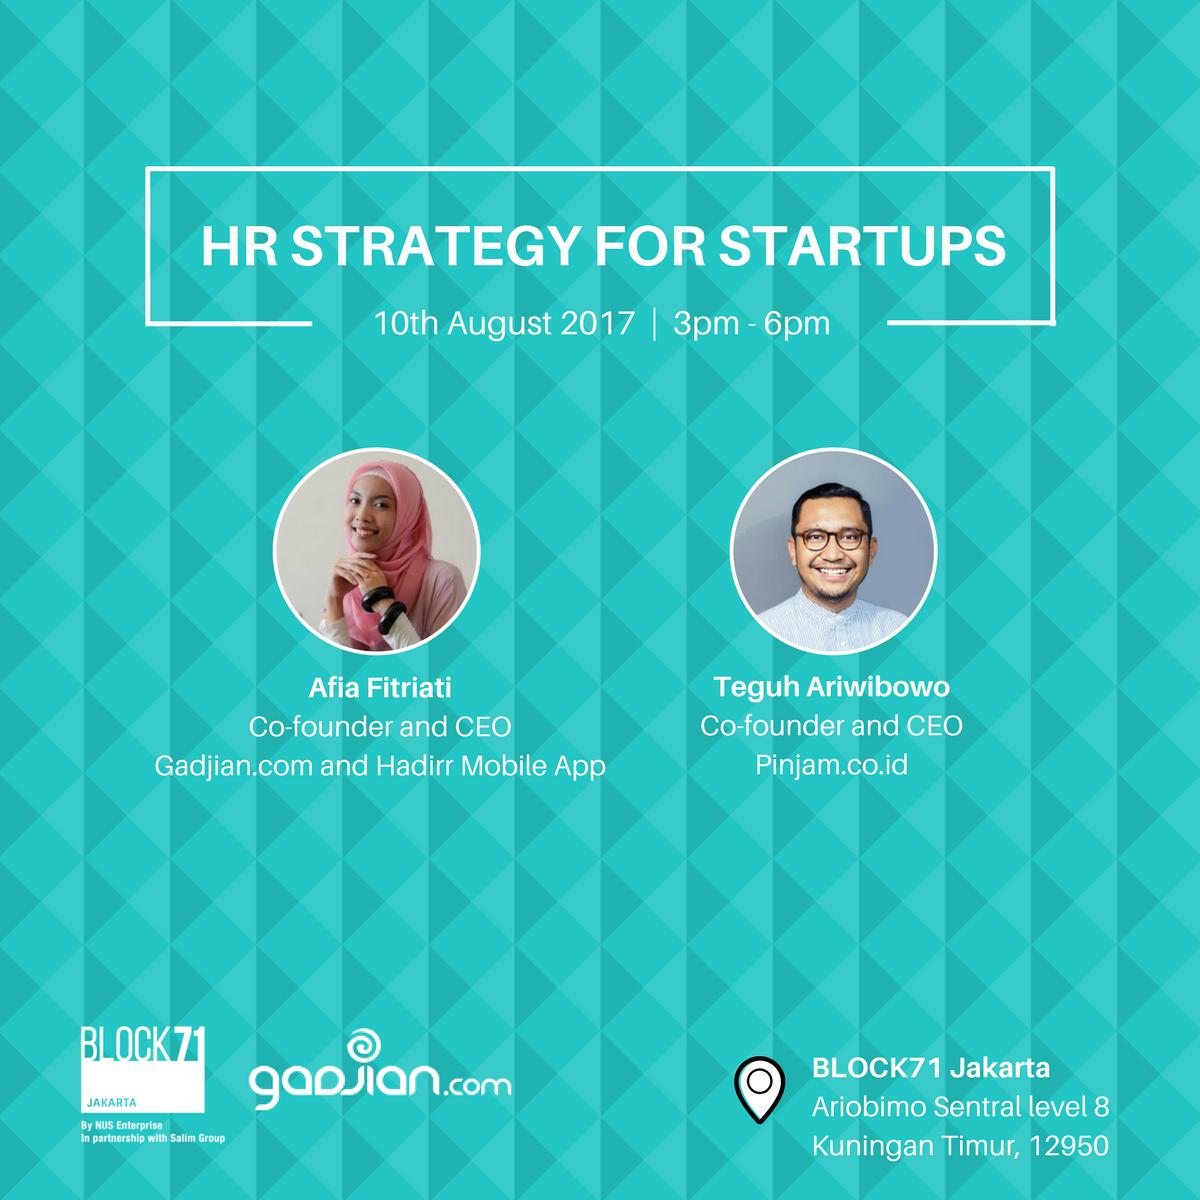 Cara Menyusun Strategi HR untuk Startup